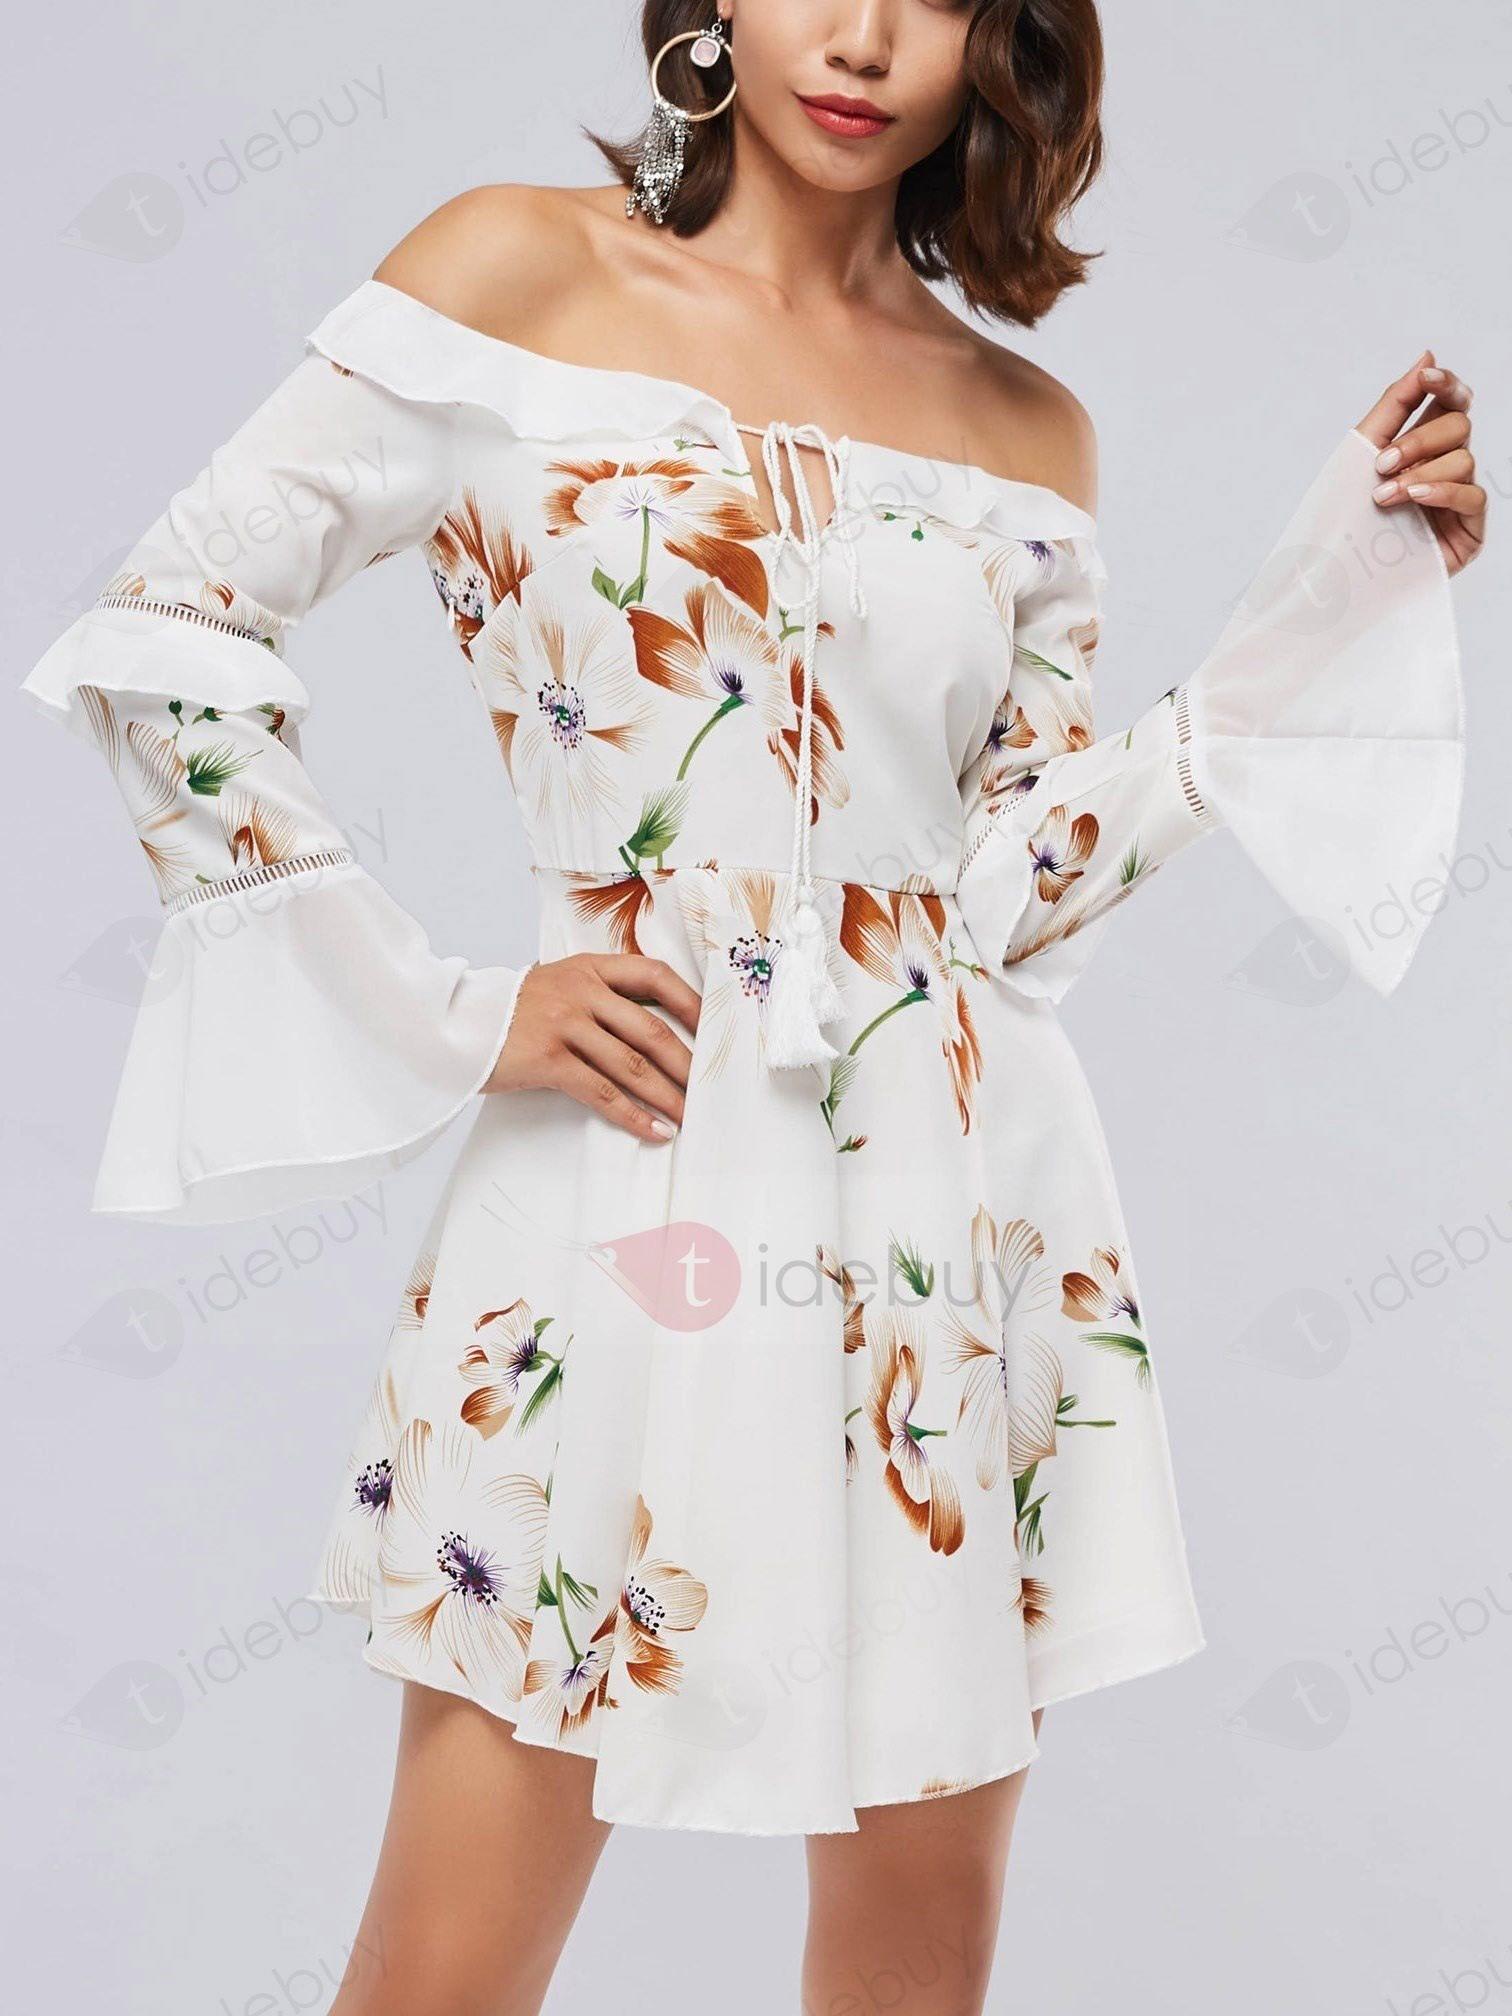 17 Wunderbar Sommerkleid Lang Mit Ärmel Spezialgebiet17 Luxus Sommerkleid Lang Mit Ärmel Galerie